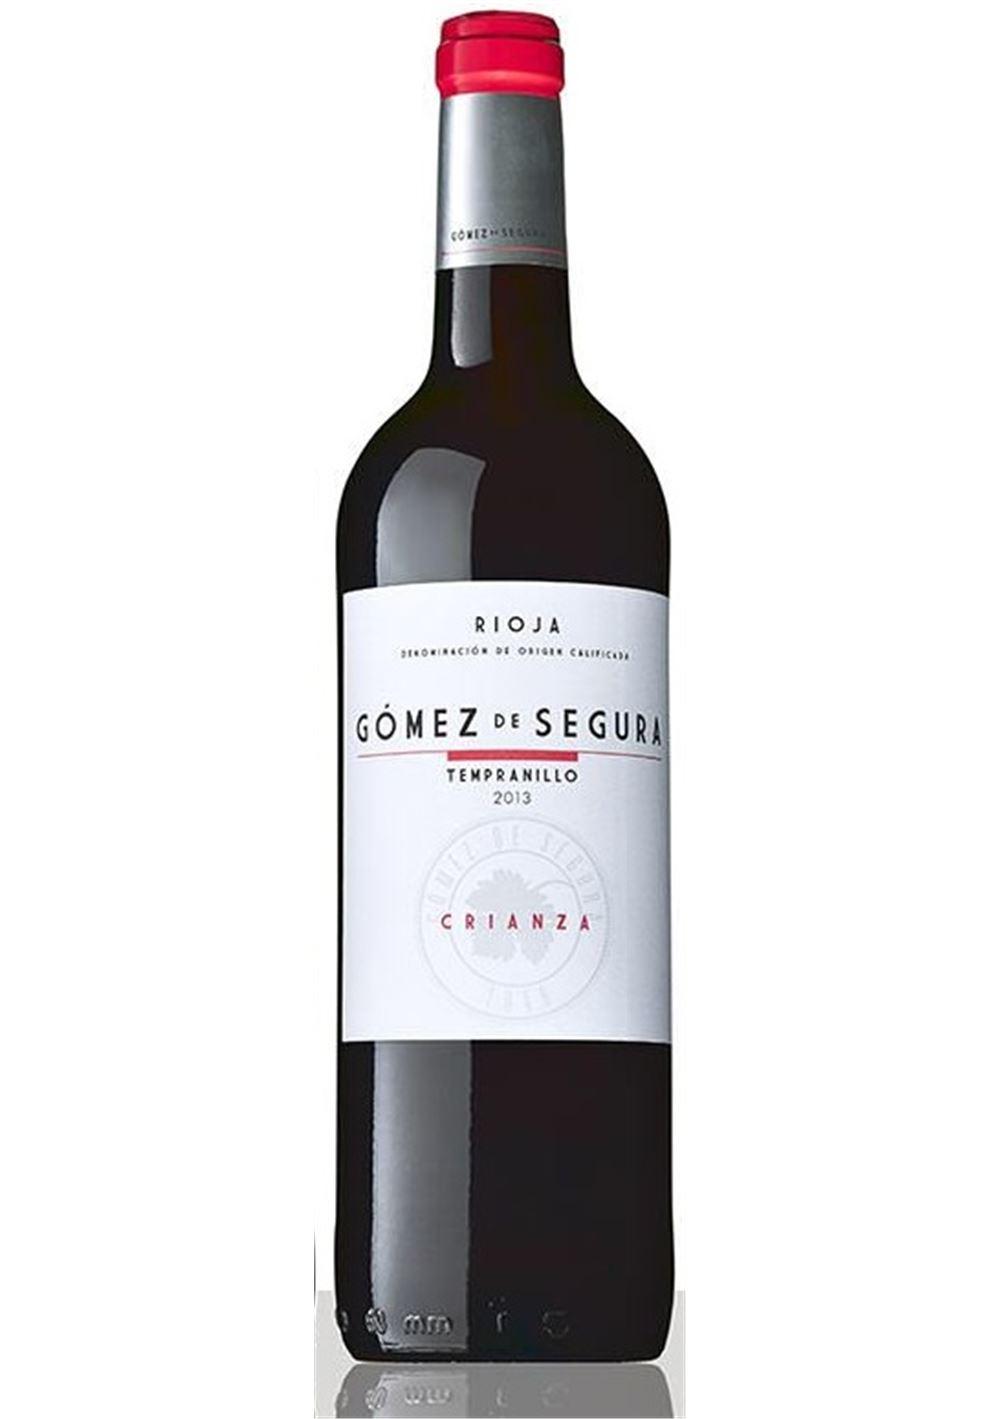 GOMEZ SEGURA CZA